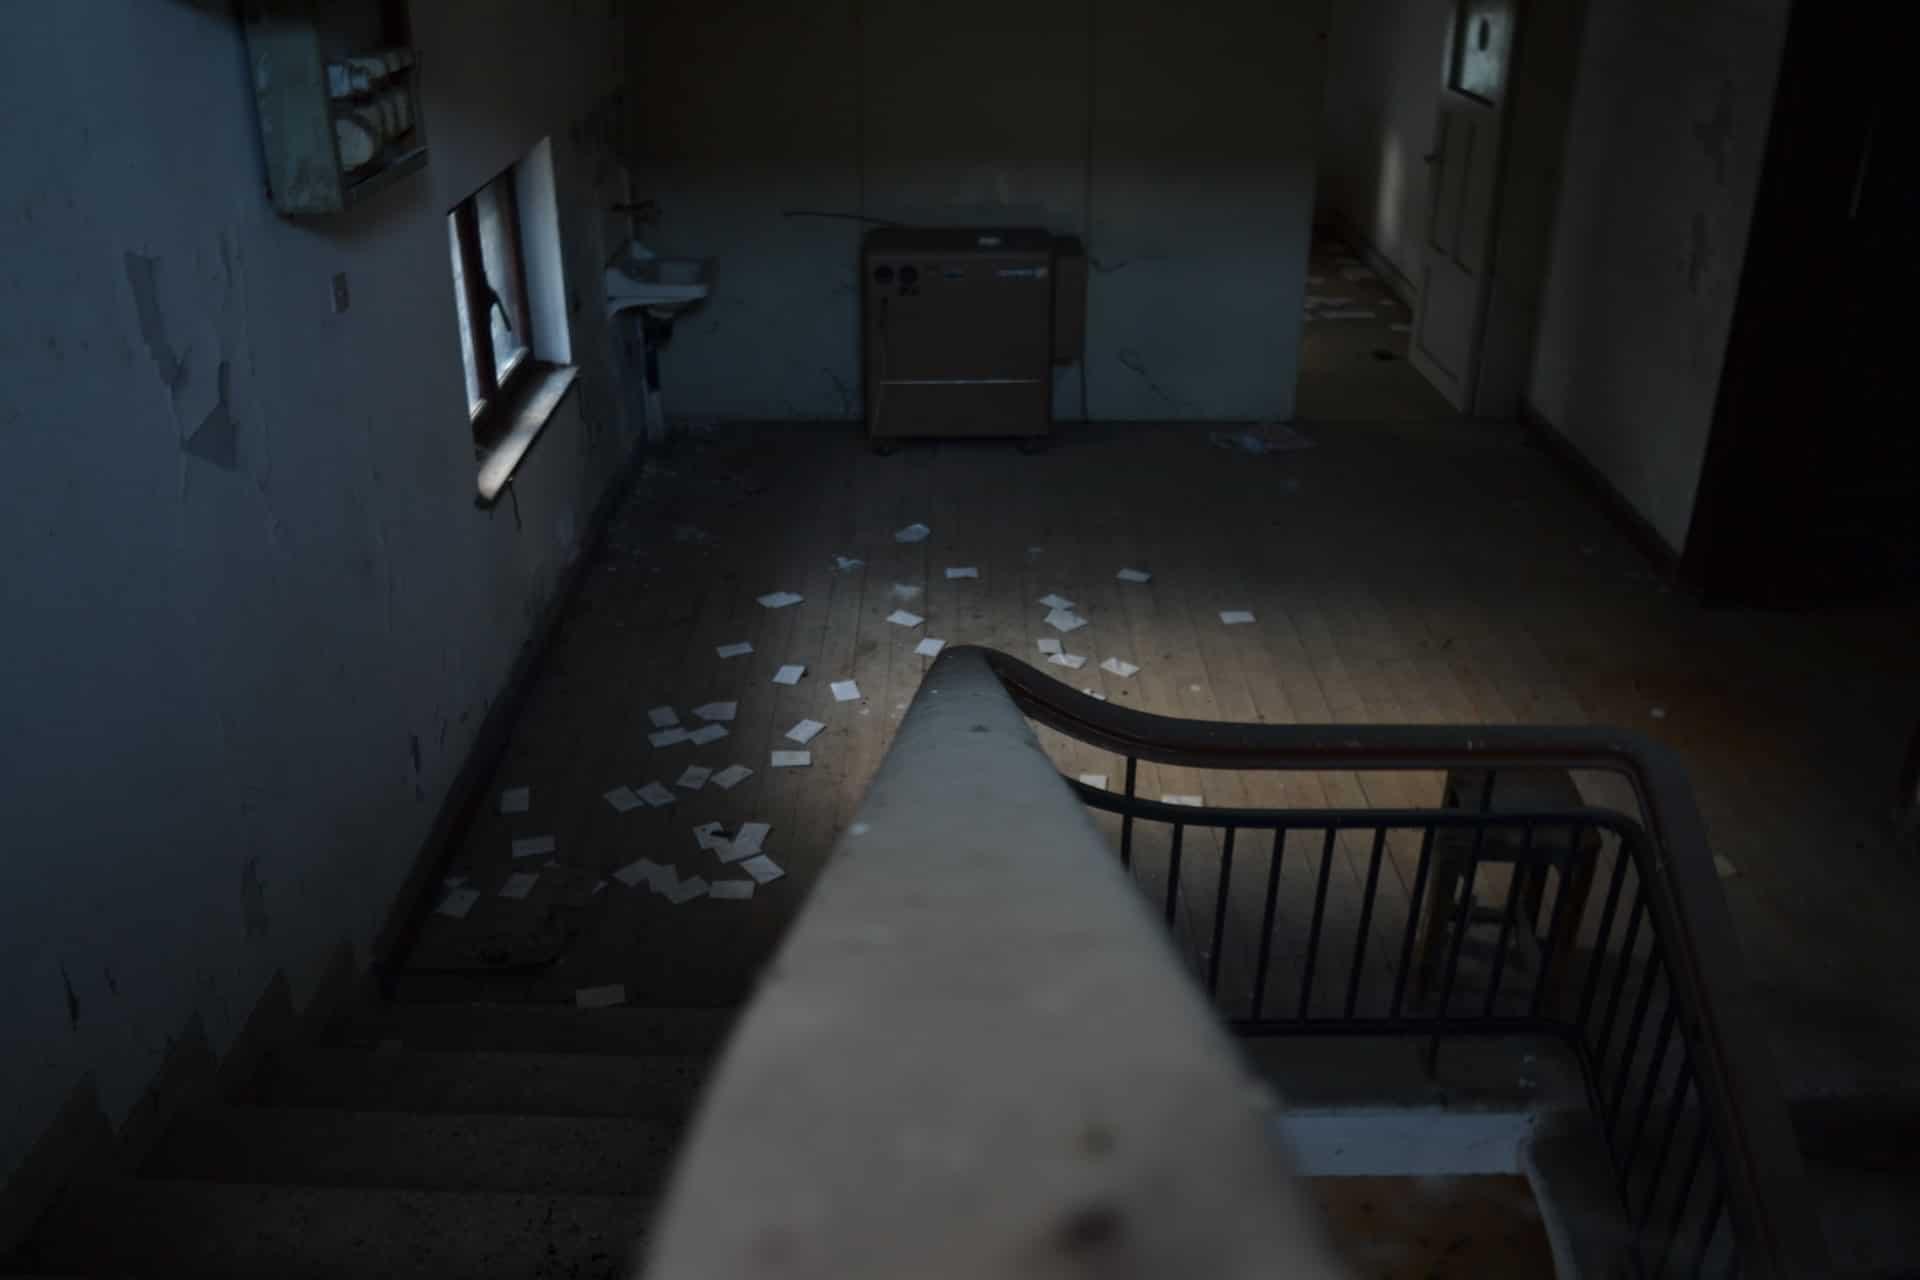 appartement abandonné paris homme à la redingote albert einstein jean romier alphonse berruyer voyage dans le temps